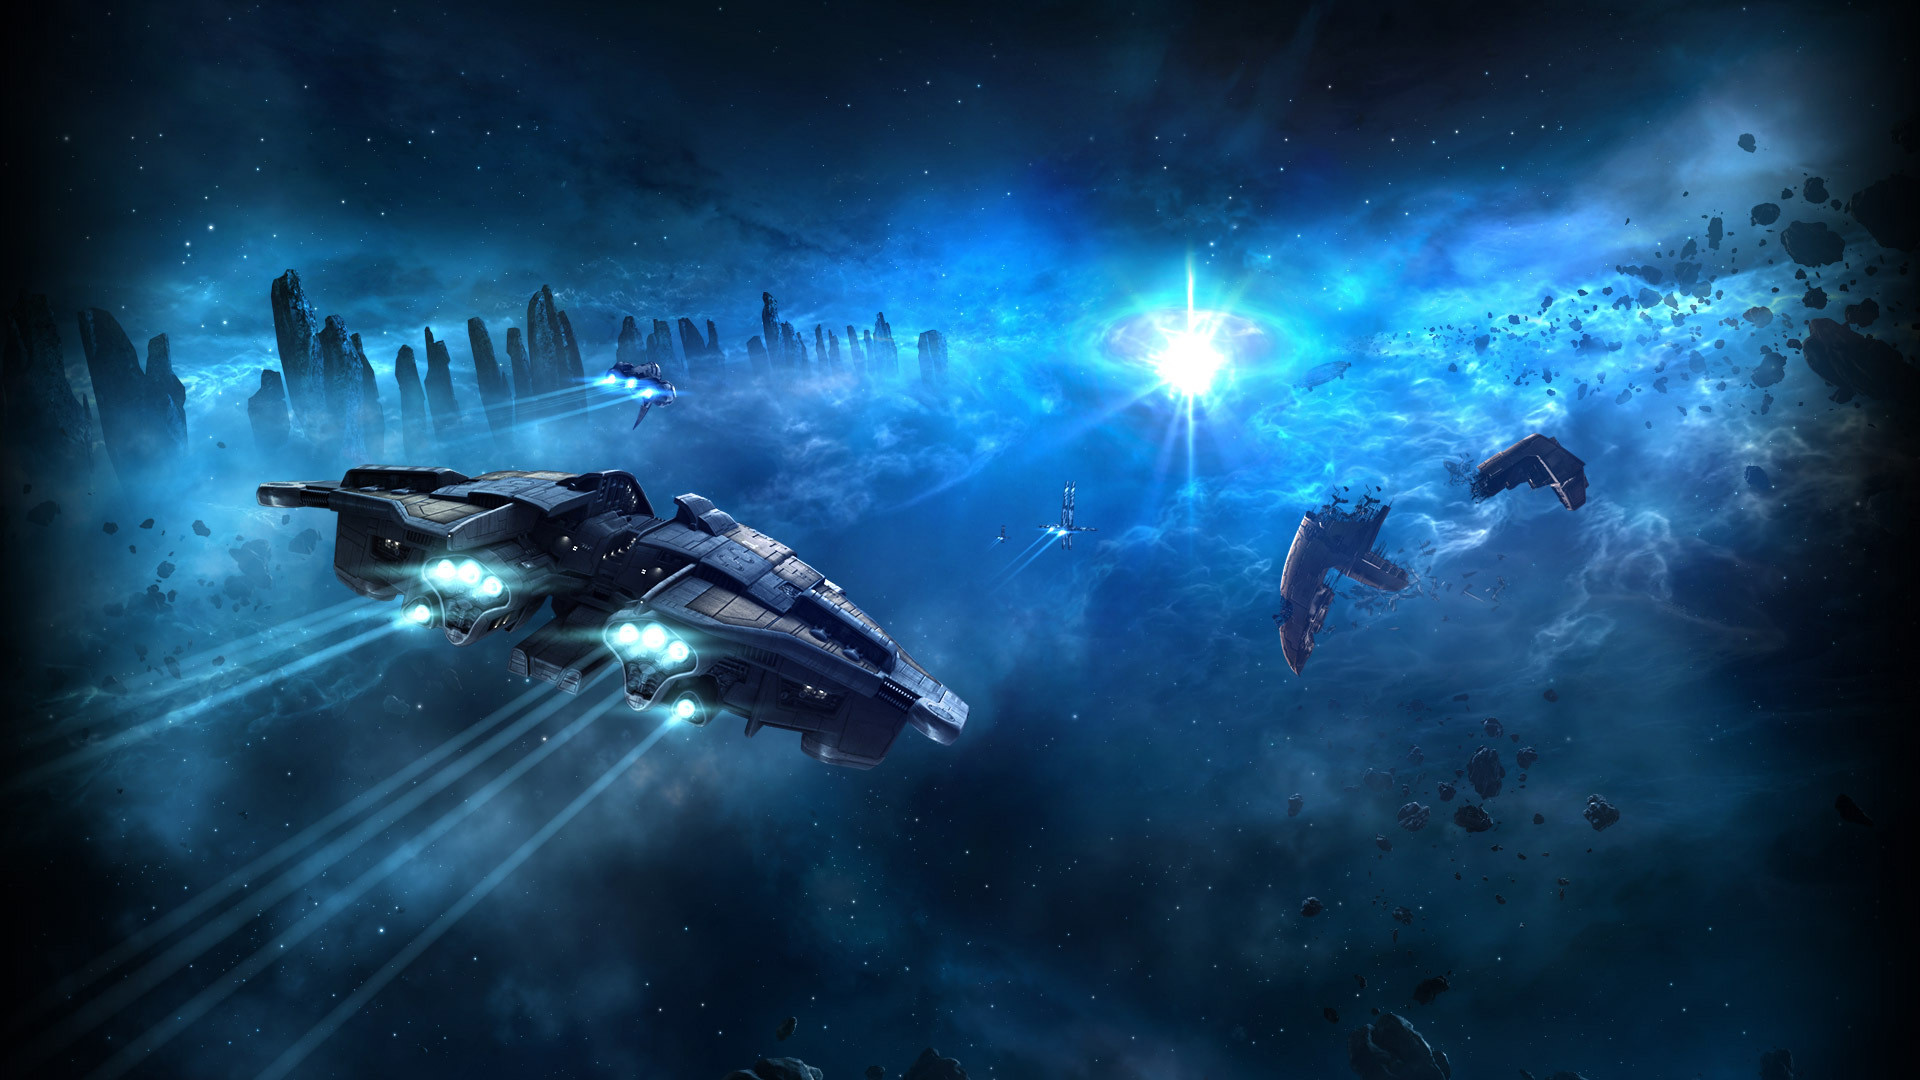 Eve Online Wallpaper 54